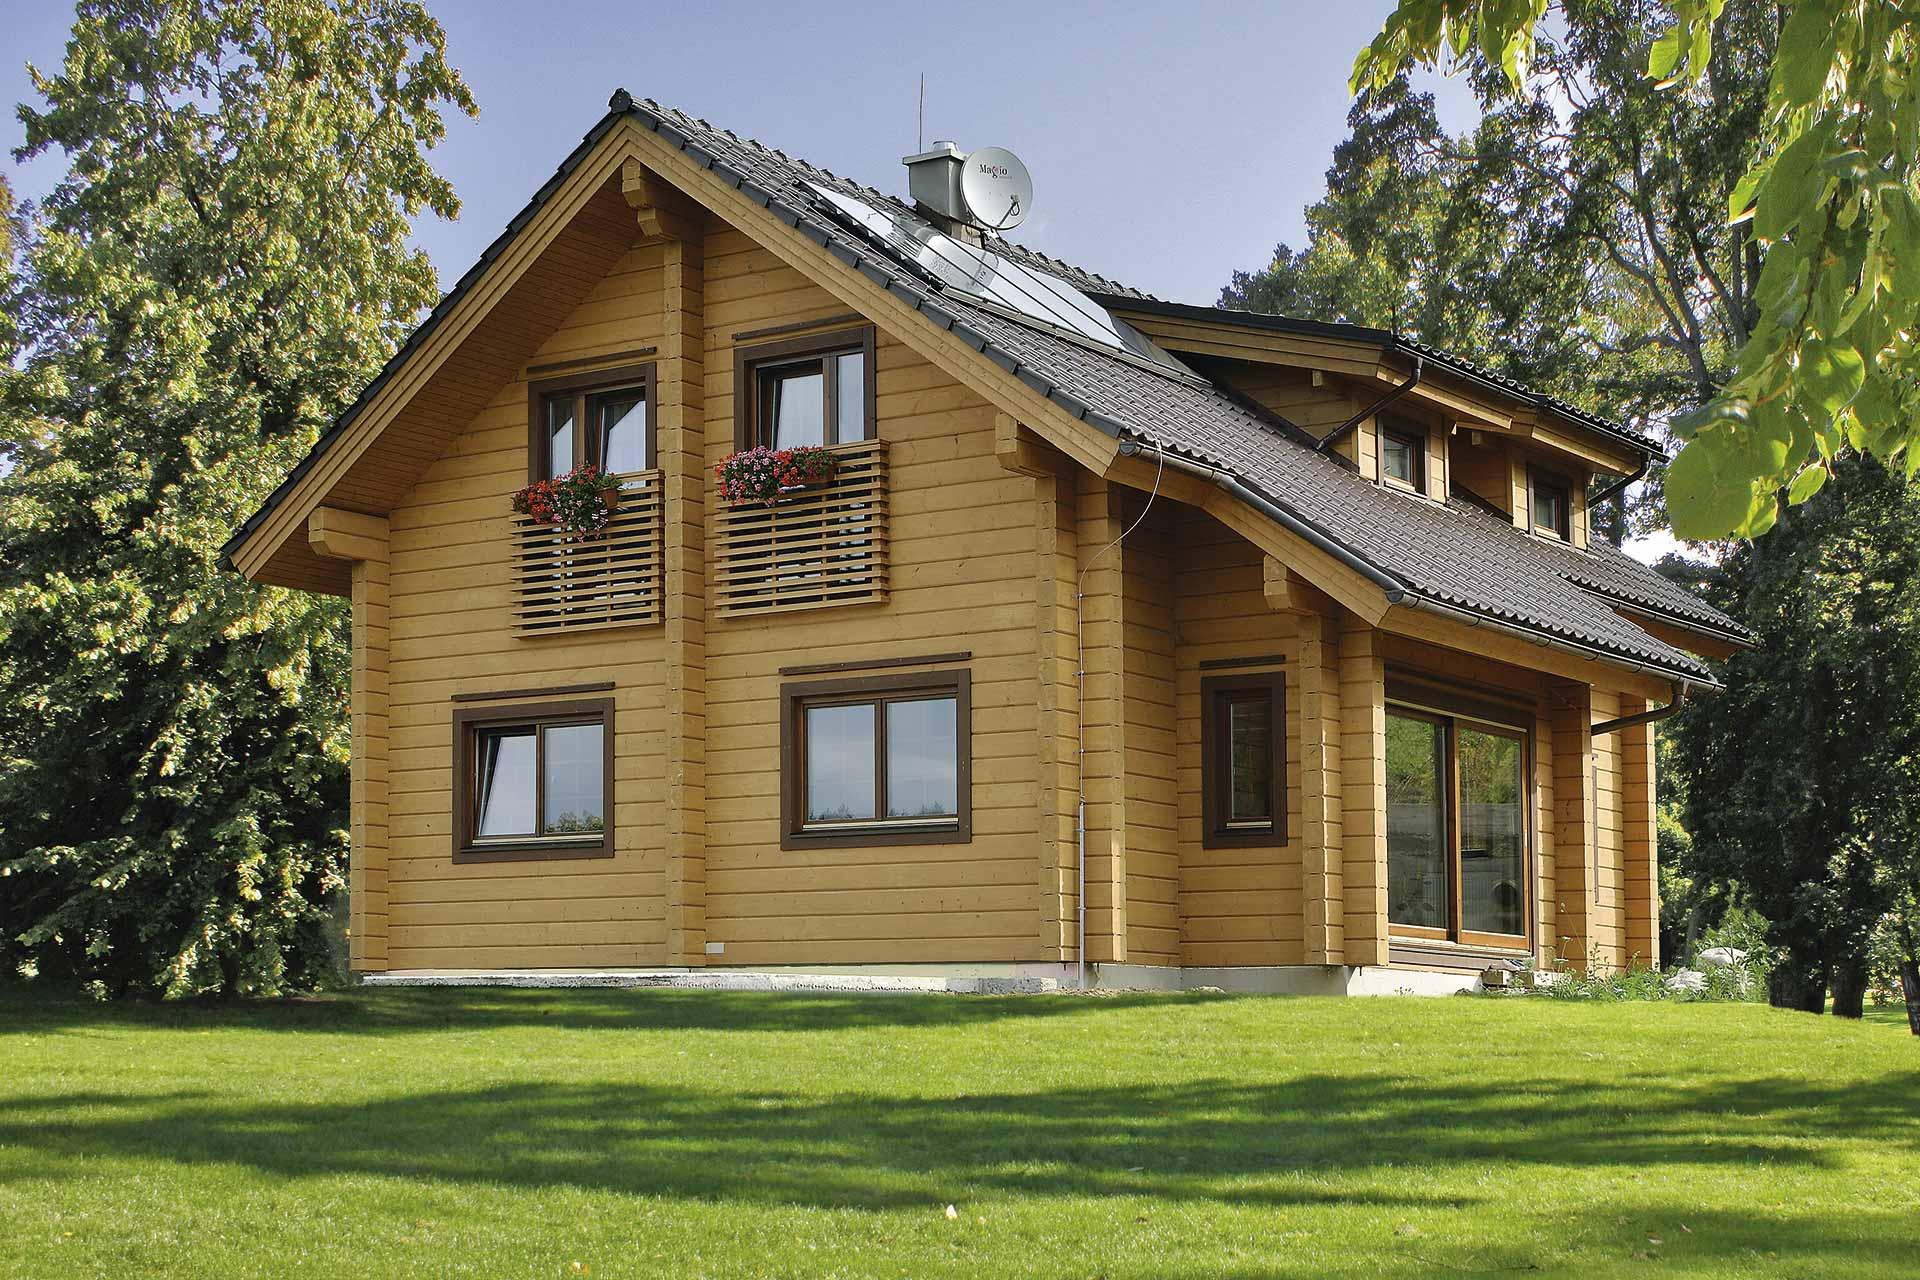 Fragaria 2 красивый двухэтажный деревянный дом из бруса